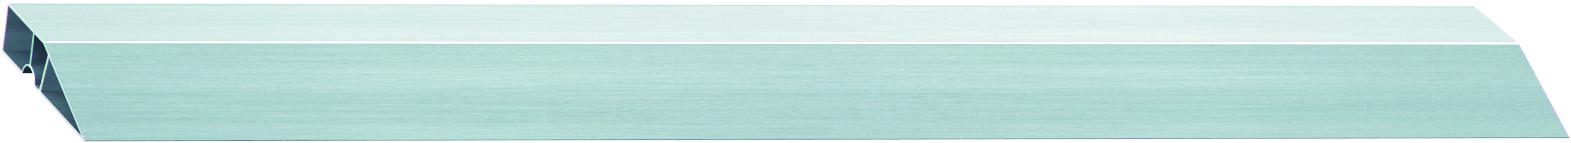 Правило алюминиевое Сибртех Трапеция, 2 ребра жесткости, длина 1,5 м правило сибртех 89604 алюминиевое трапеция 2 ребра жесткости l 2 5 м